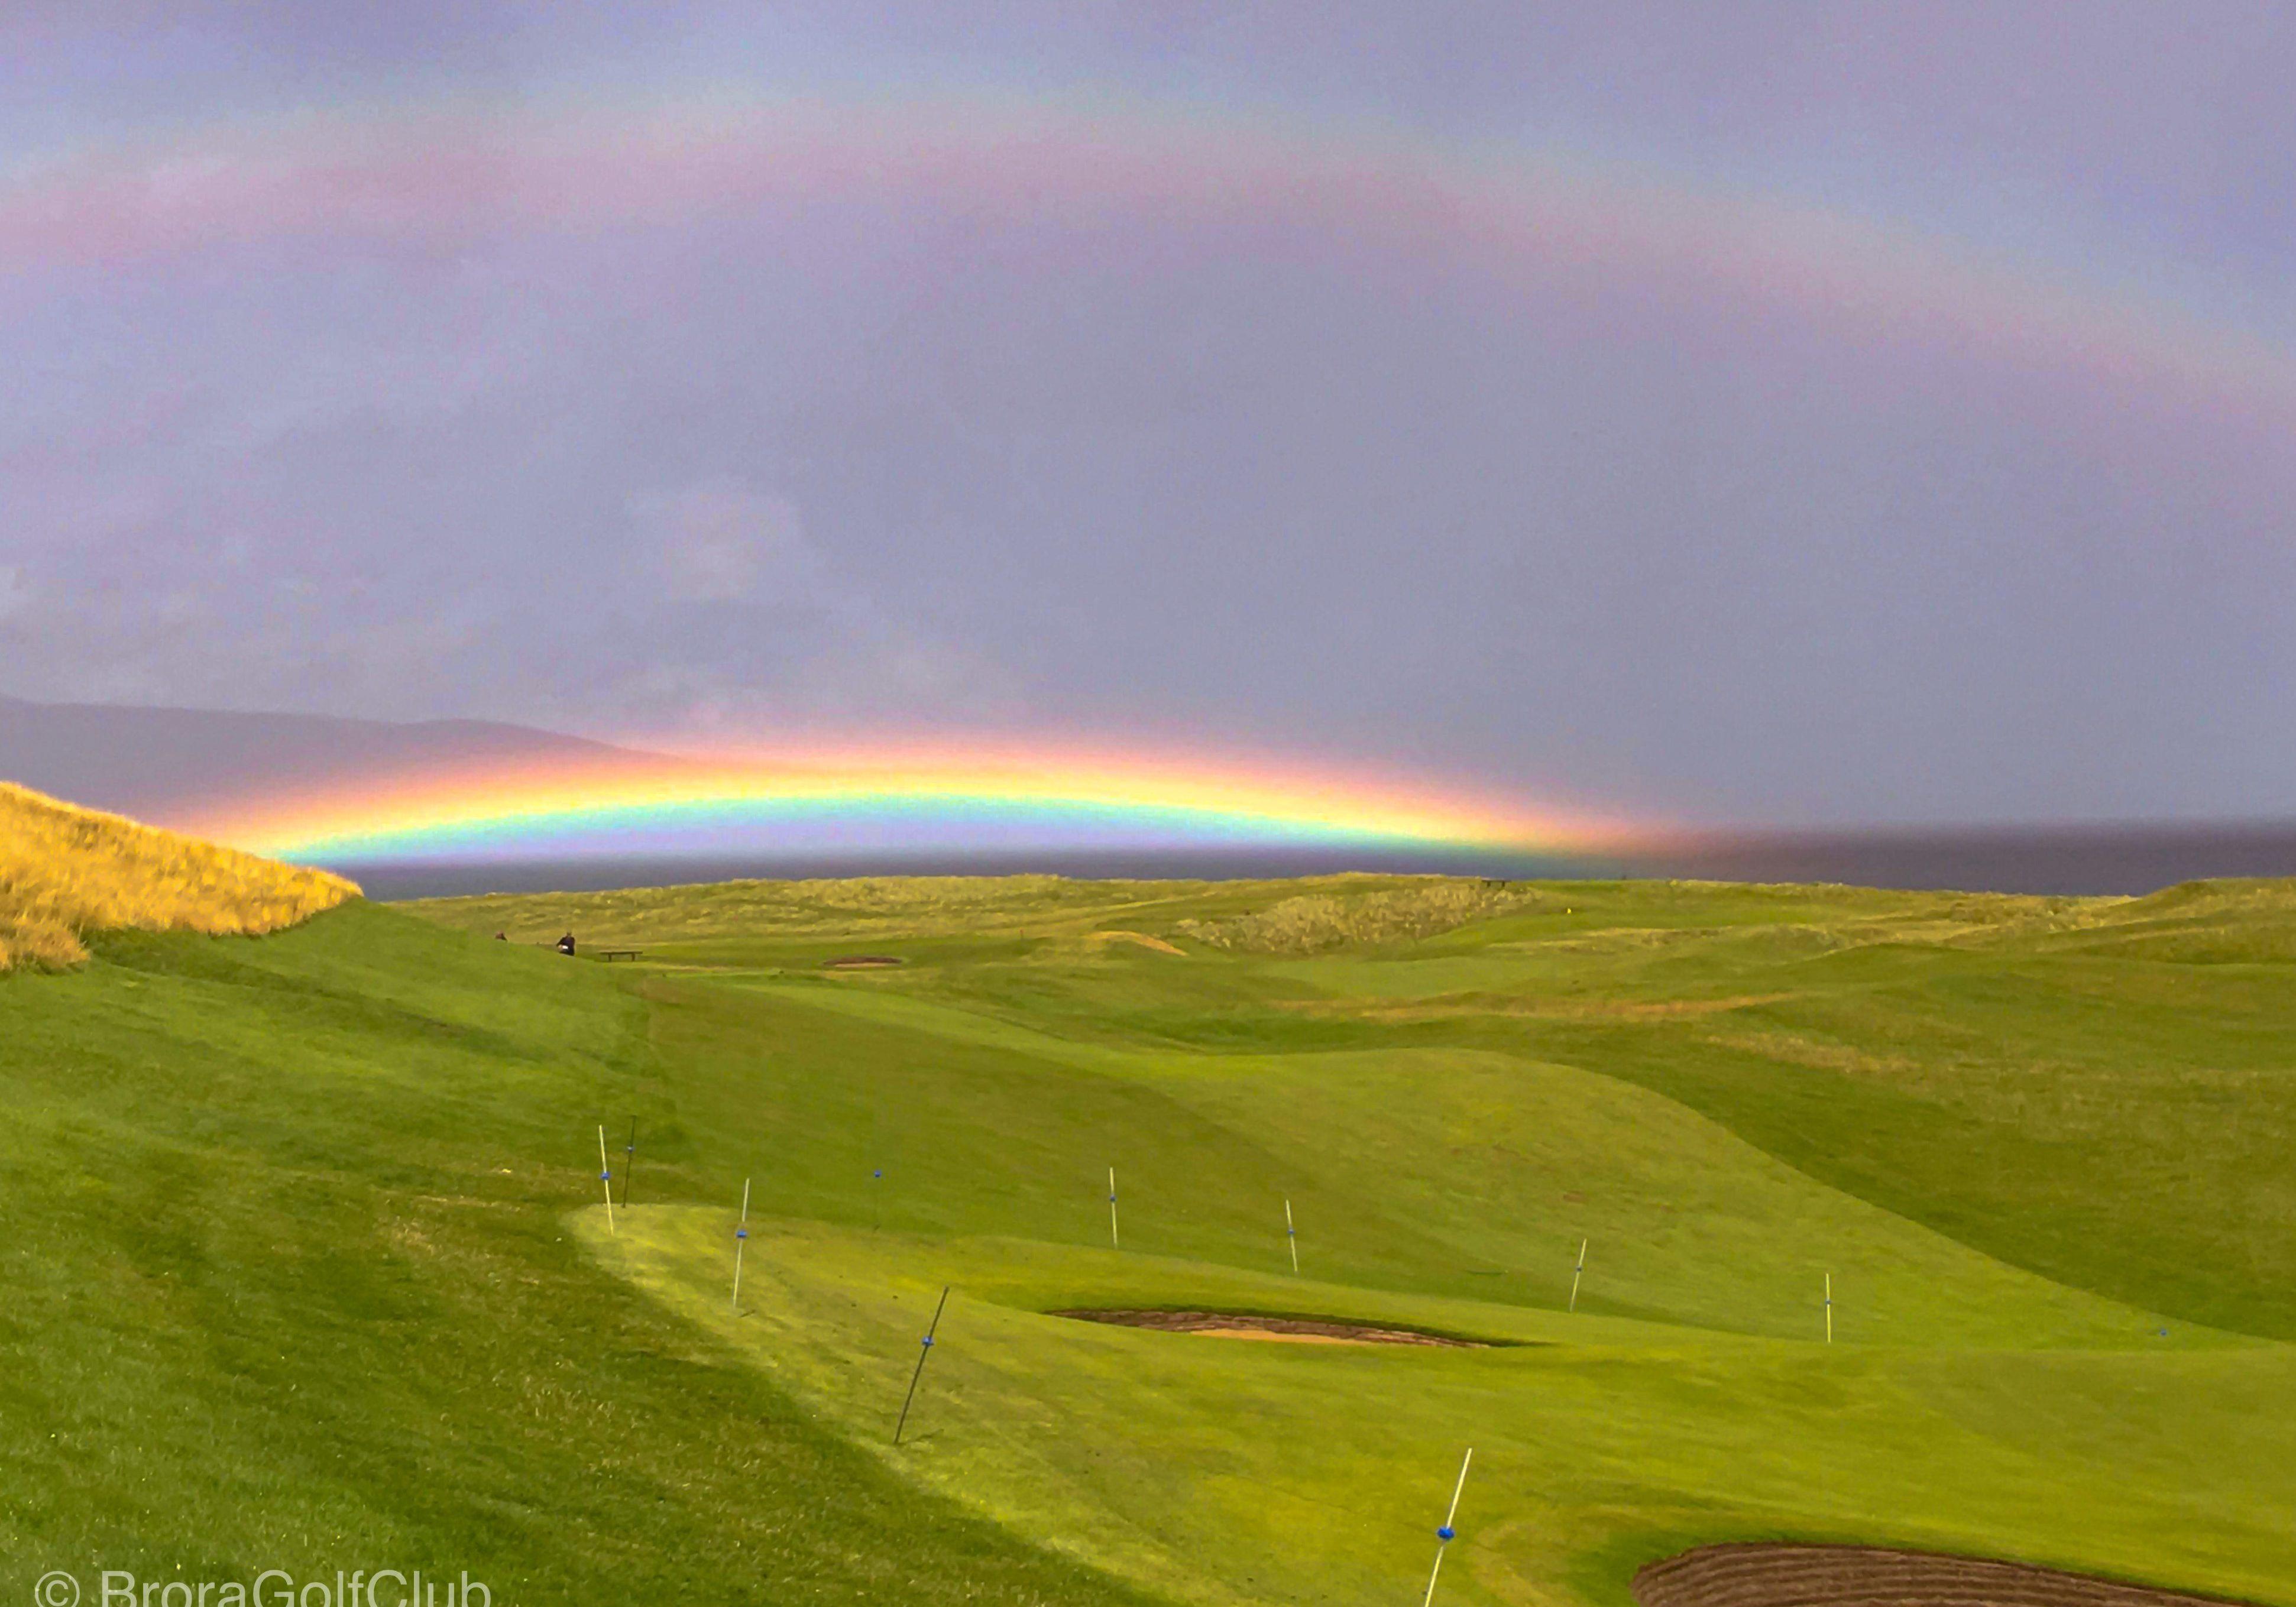 Brora Rainbow